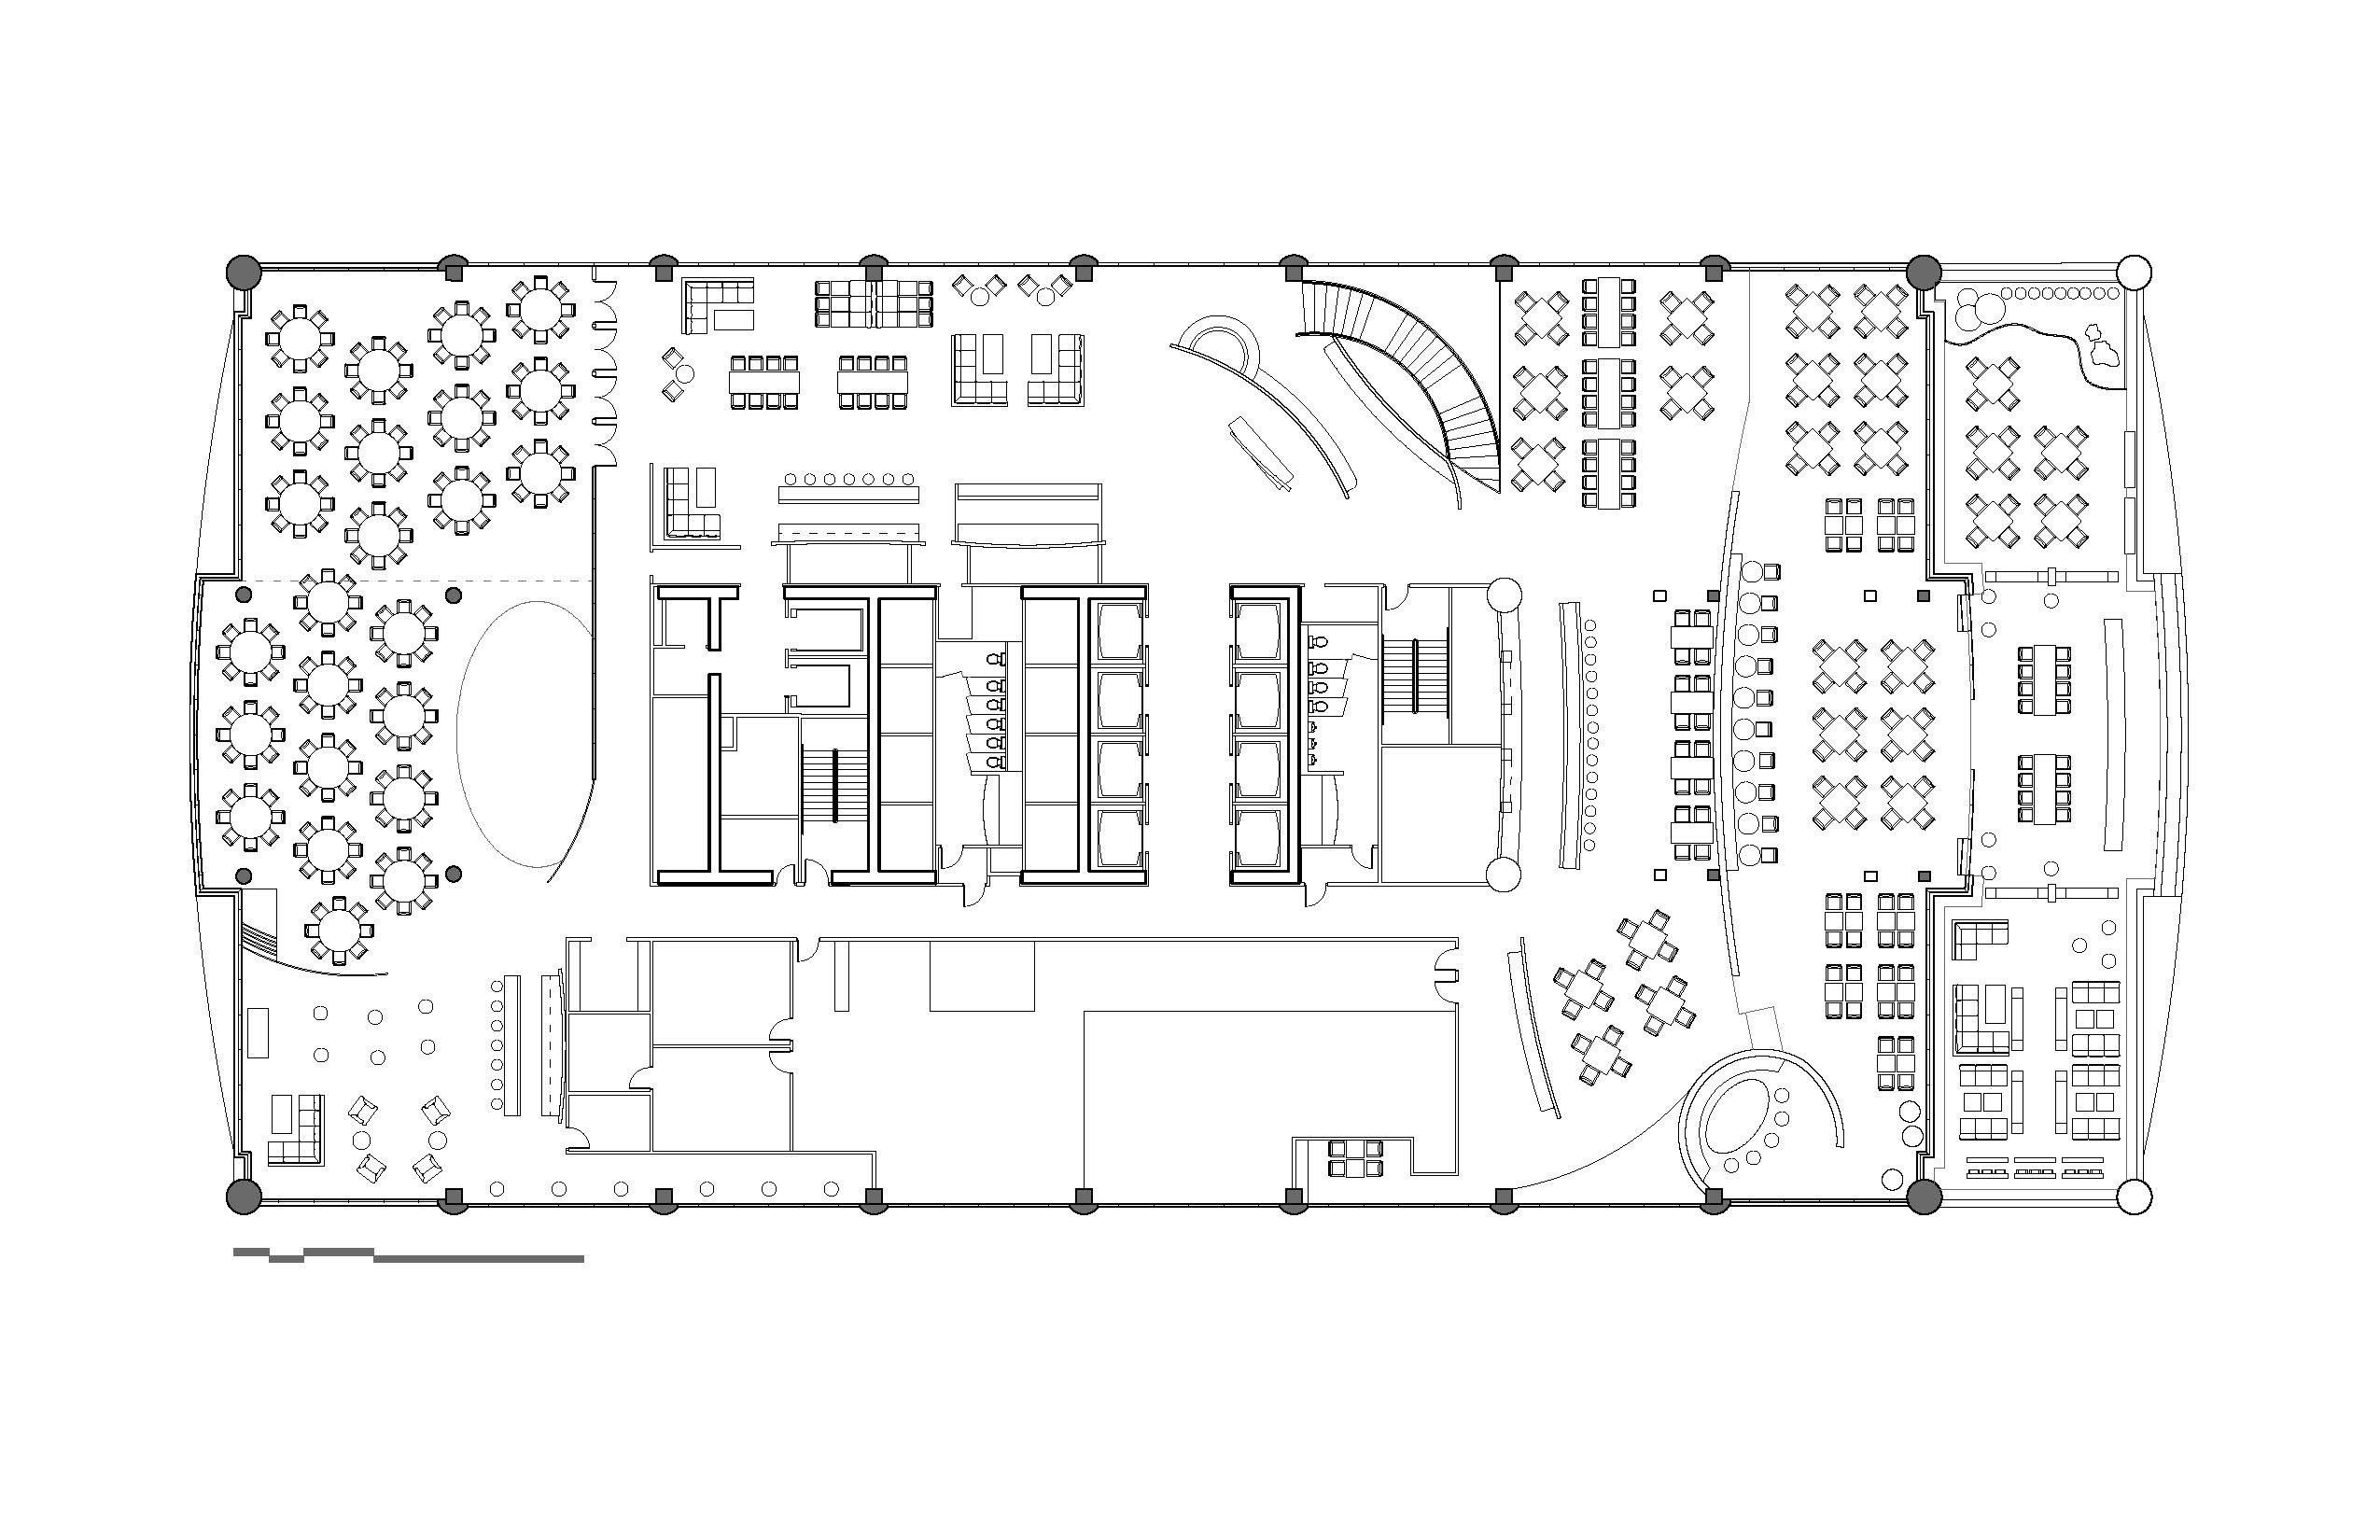 hotel floor plan seating arrangement